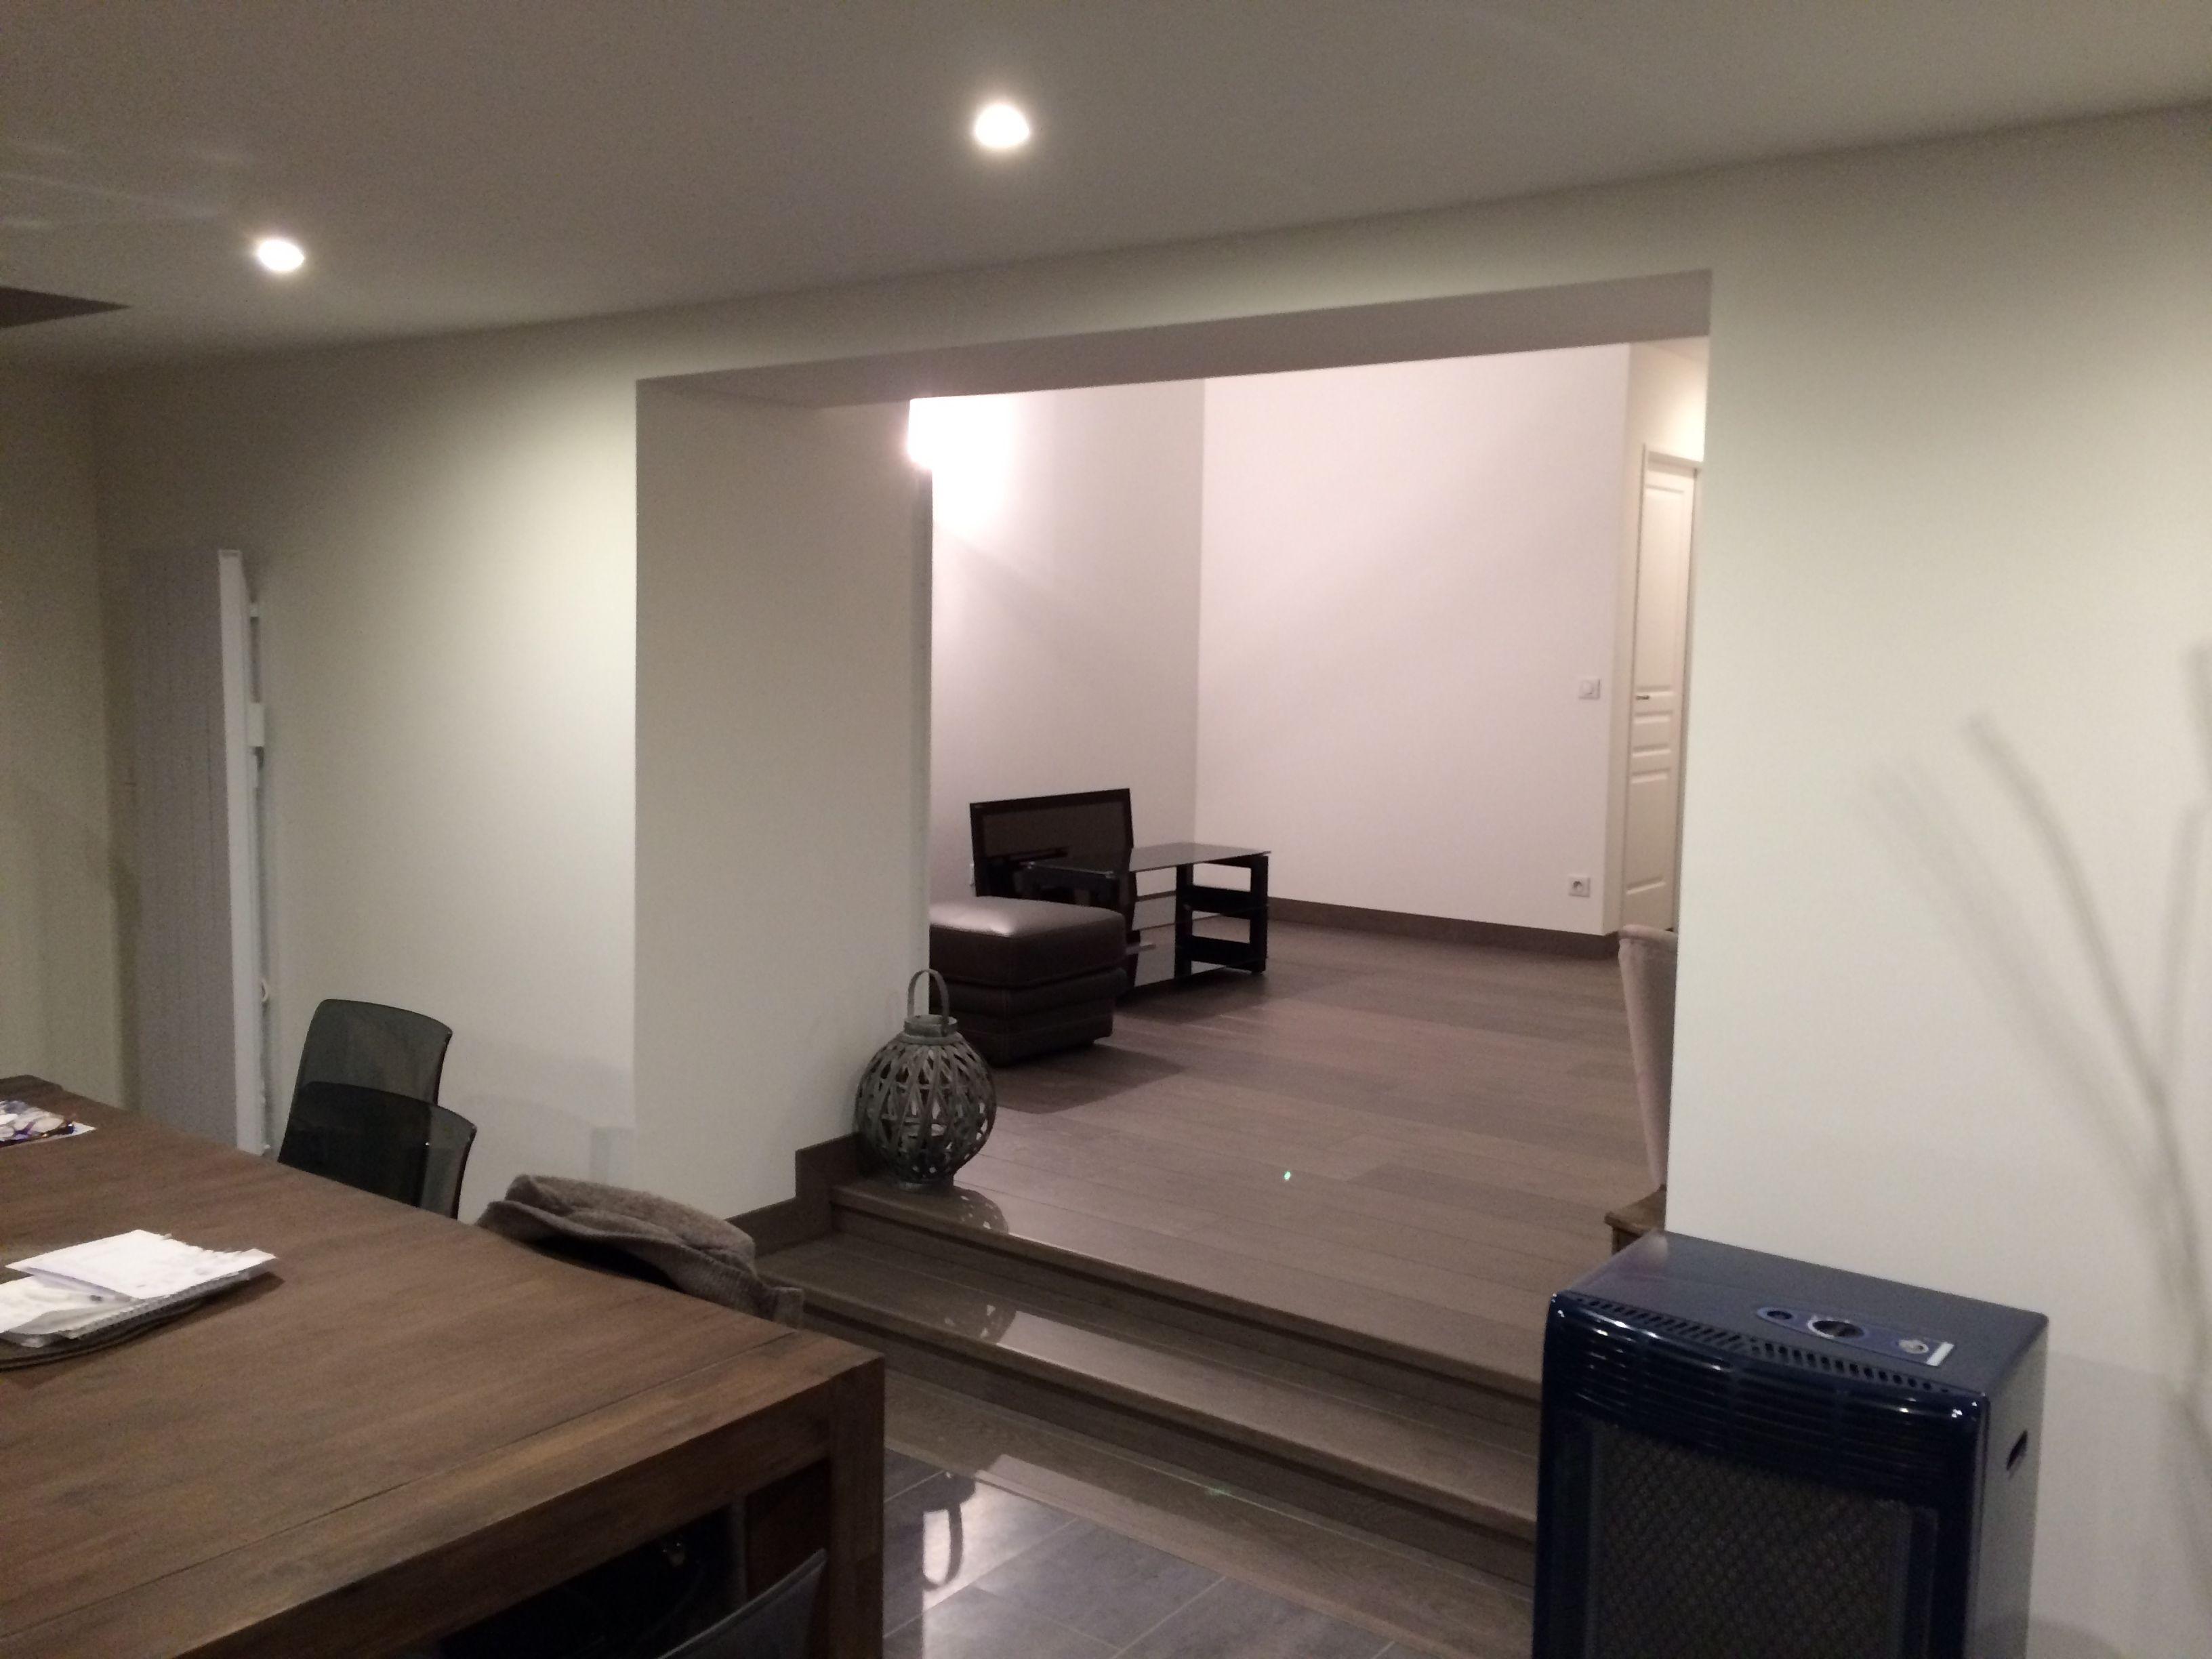 Aménagements intérieurs d\'une maison neuve #renovation www ...